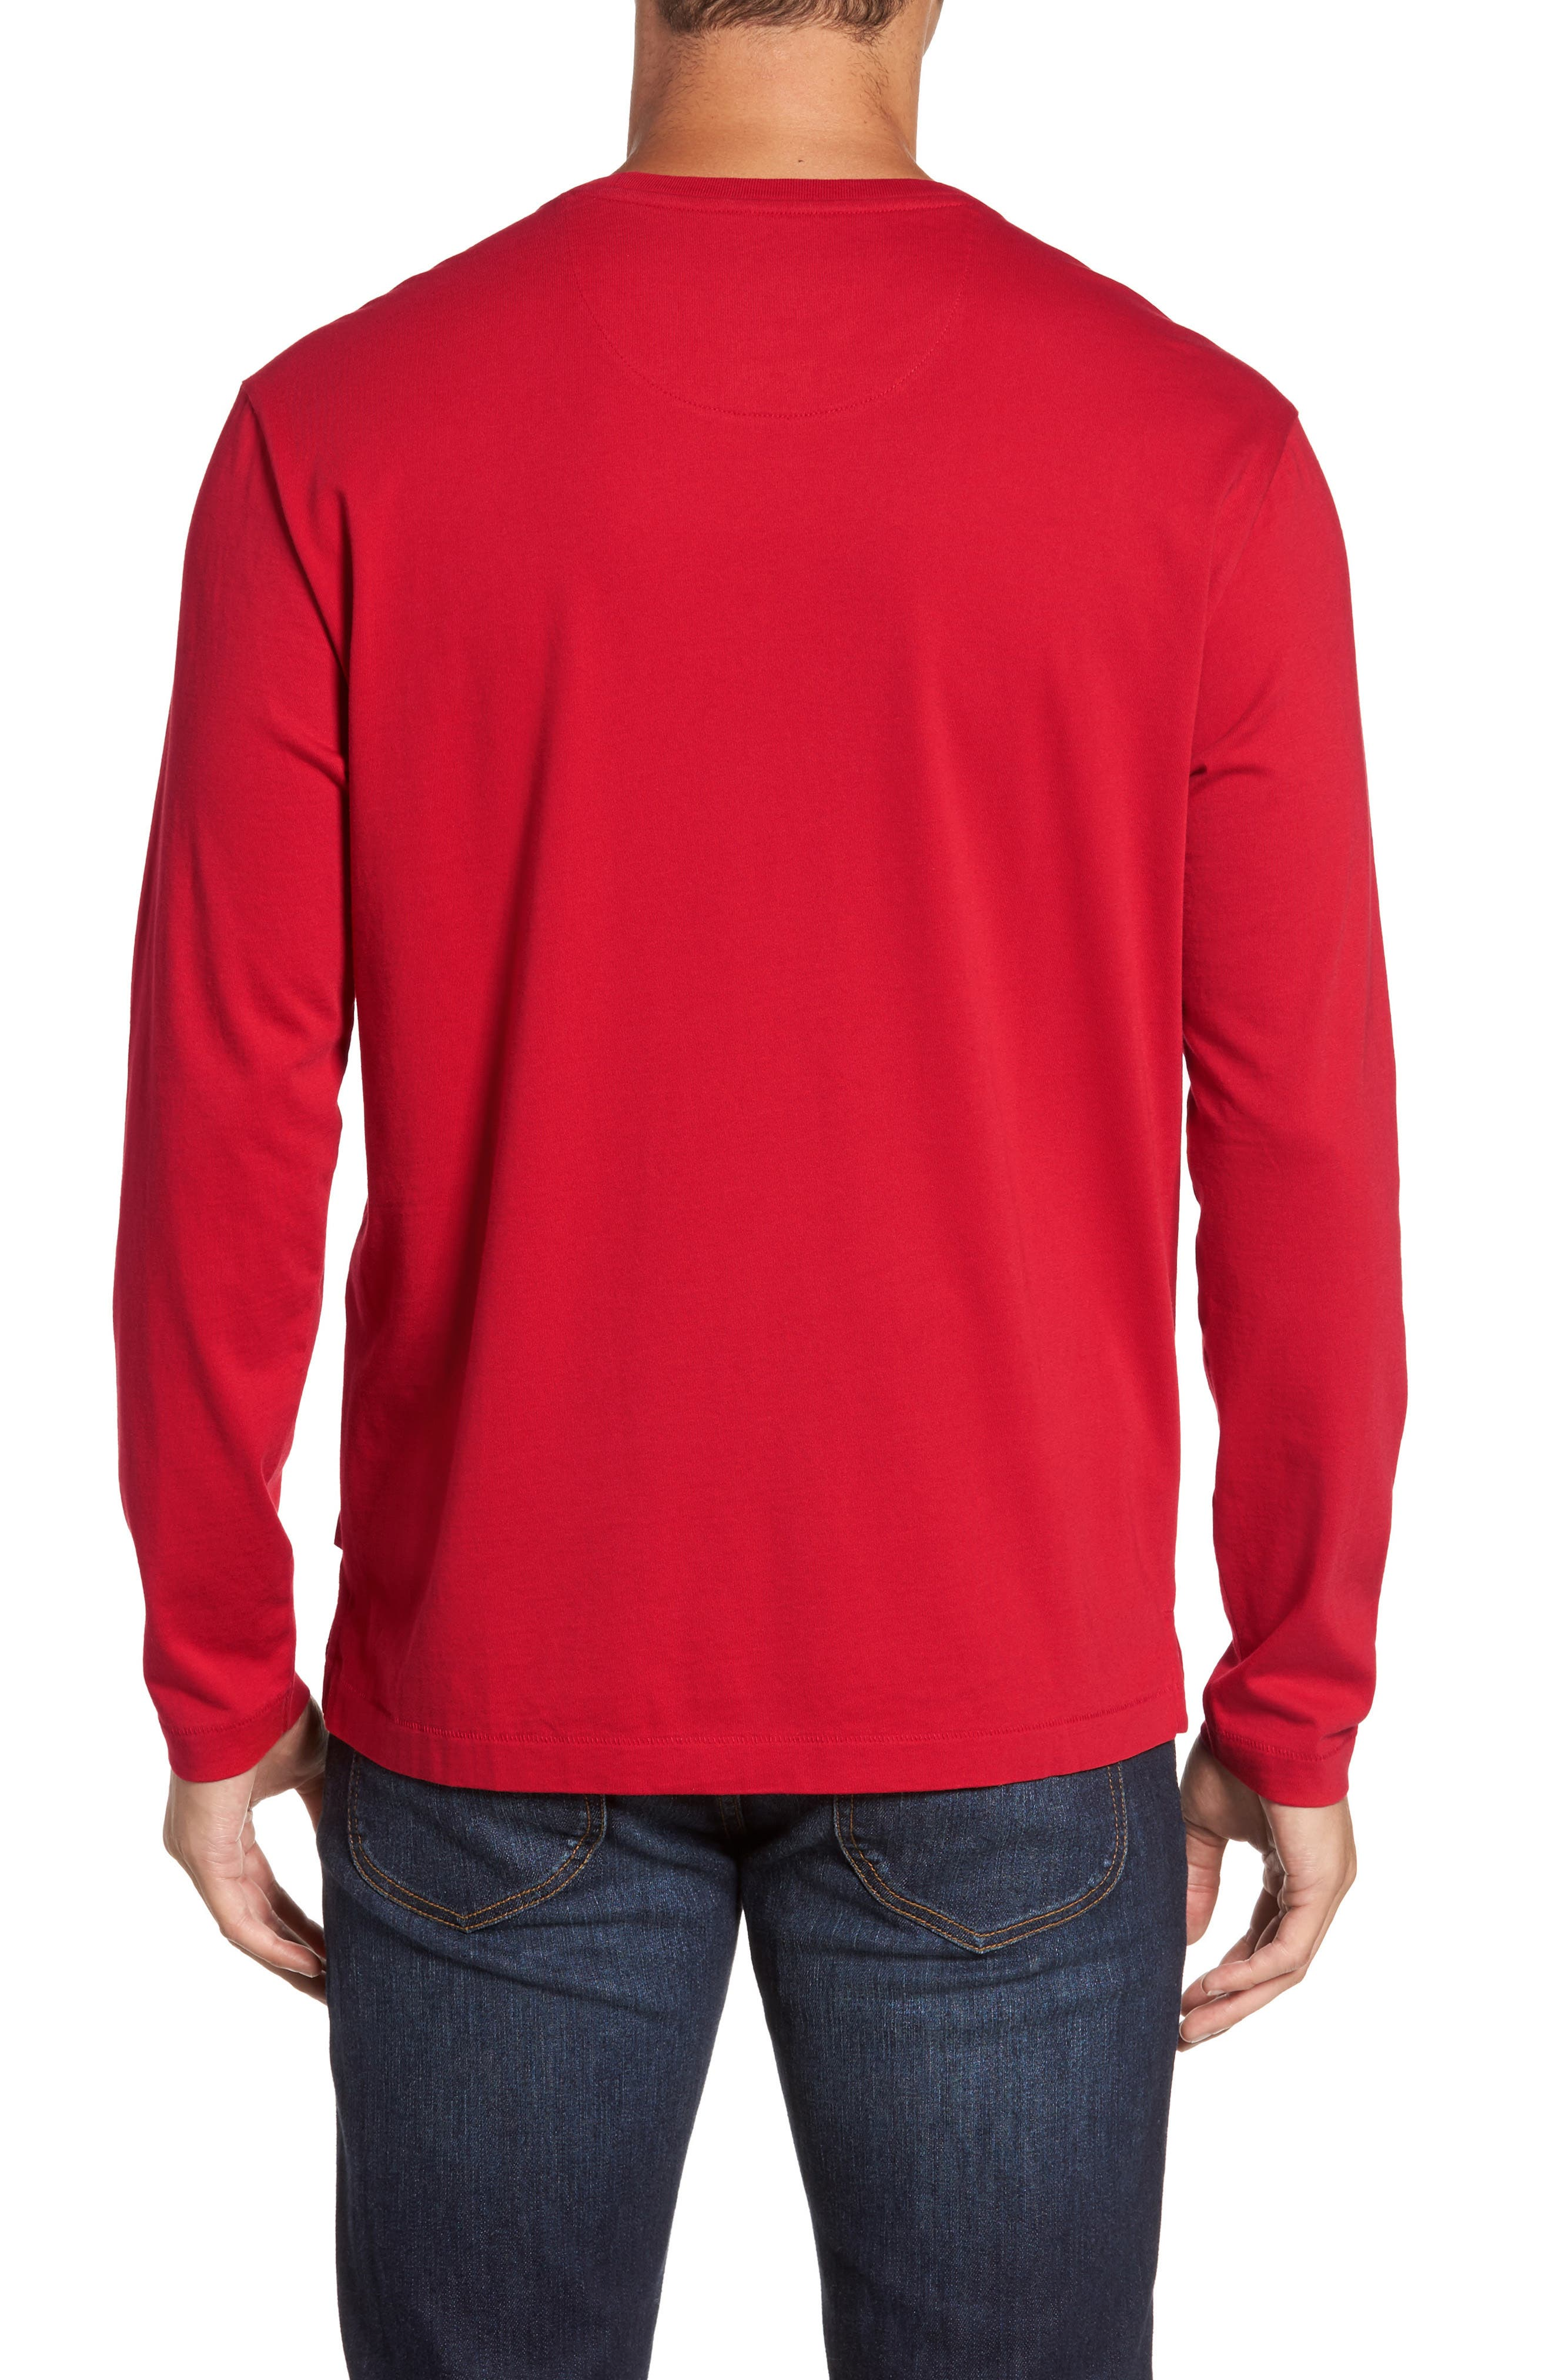 Alternate Image 2  - Tommy Bahama Bali Skyline Long Sleeve Pima Cotton T-Shirt